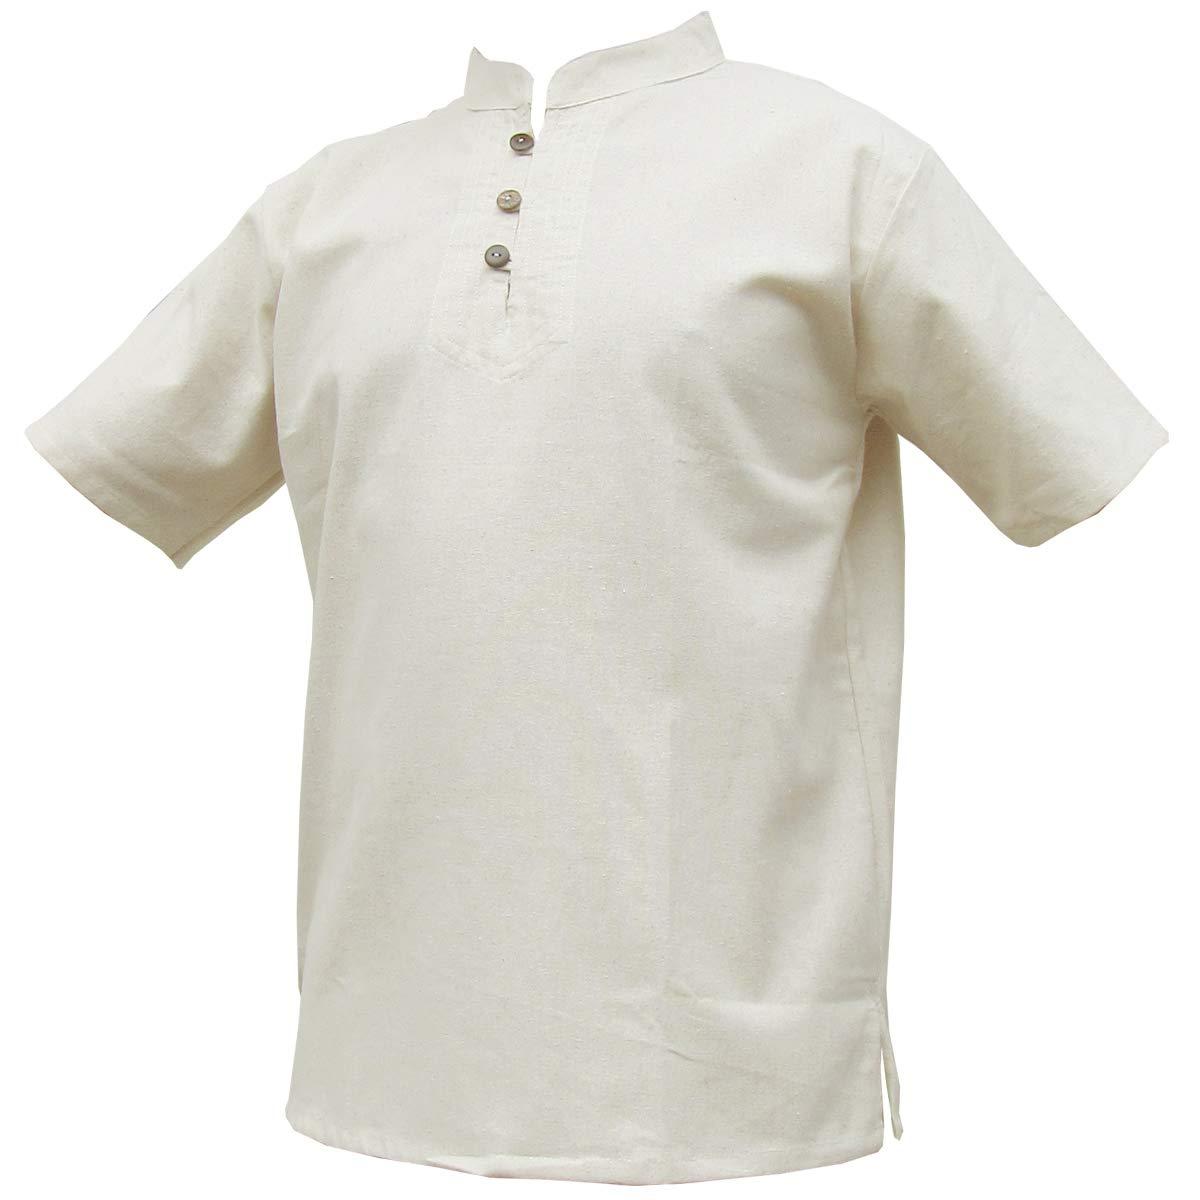 TALLA M. Panasiam® - camisas y pantalones Naturales, 100% algodón no tratado, tallas de la S a la L (es necesario que compres una talla más grande de lo habitual)